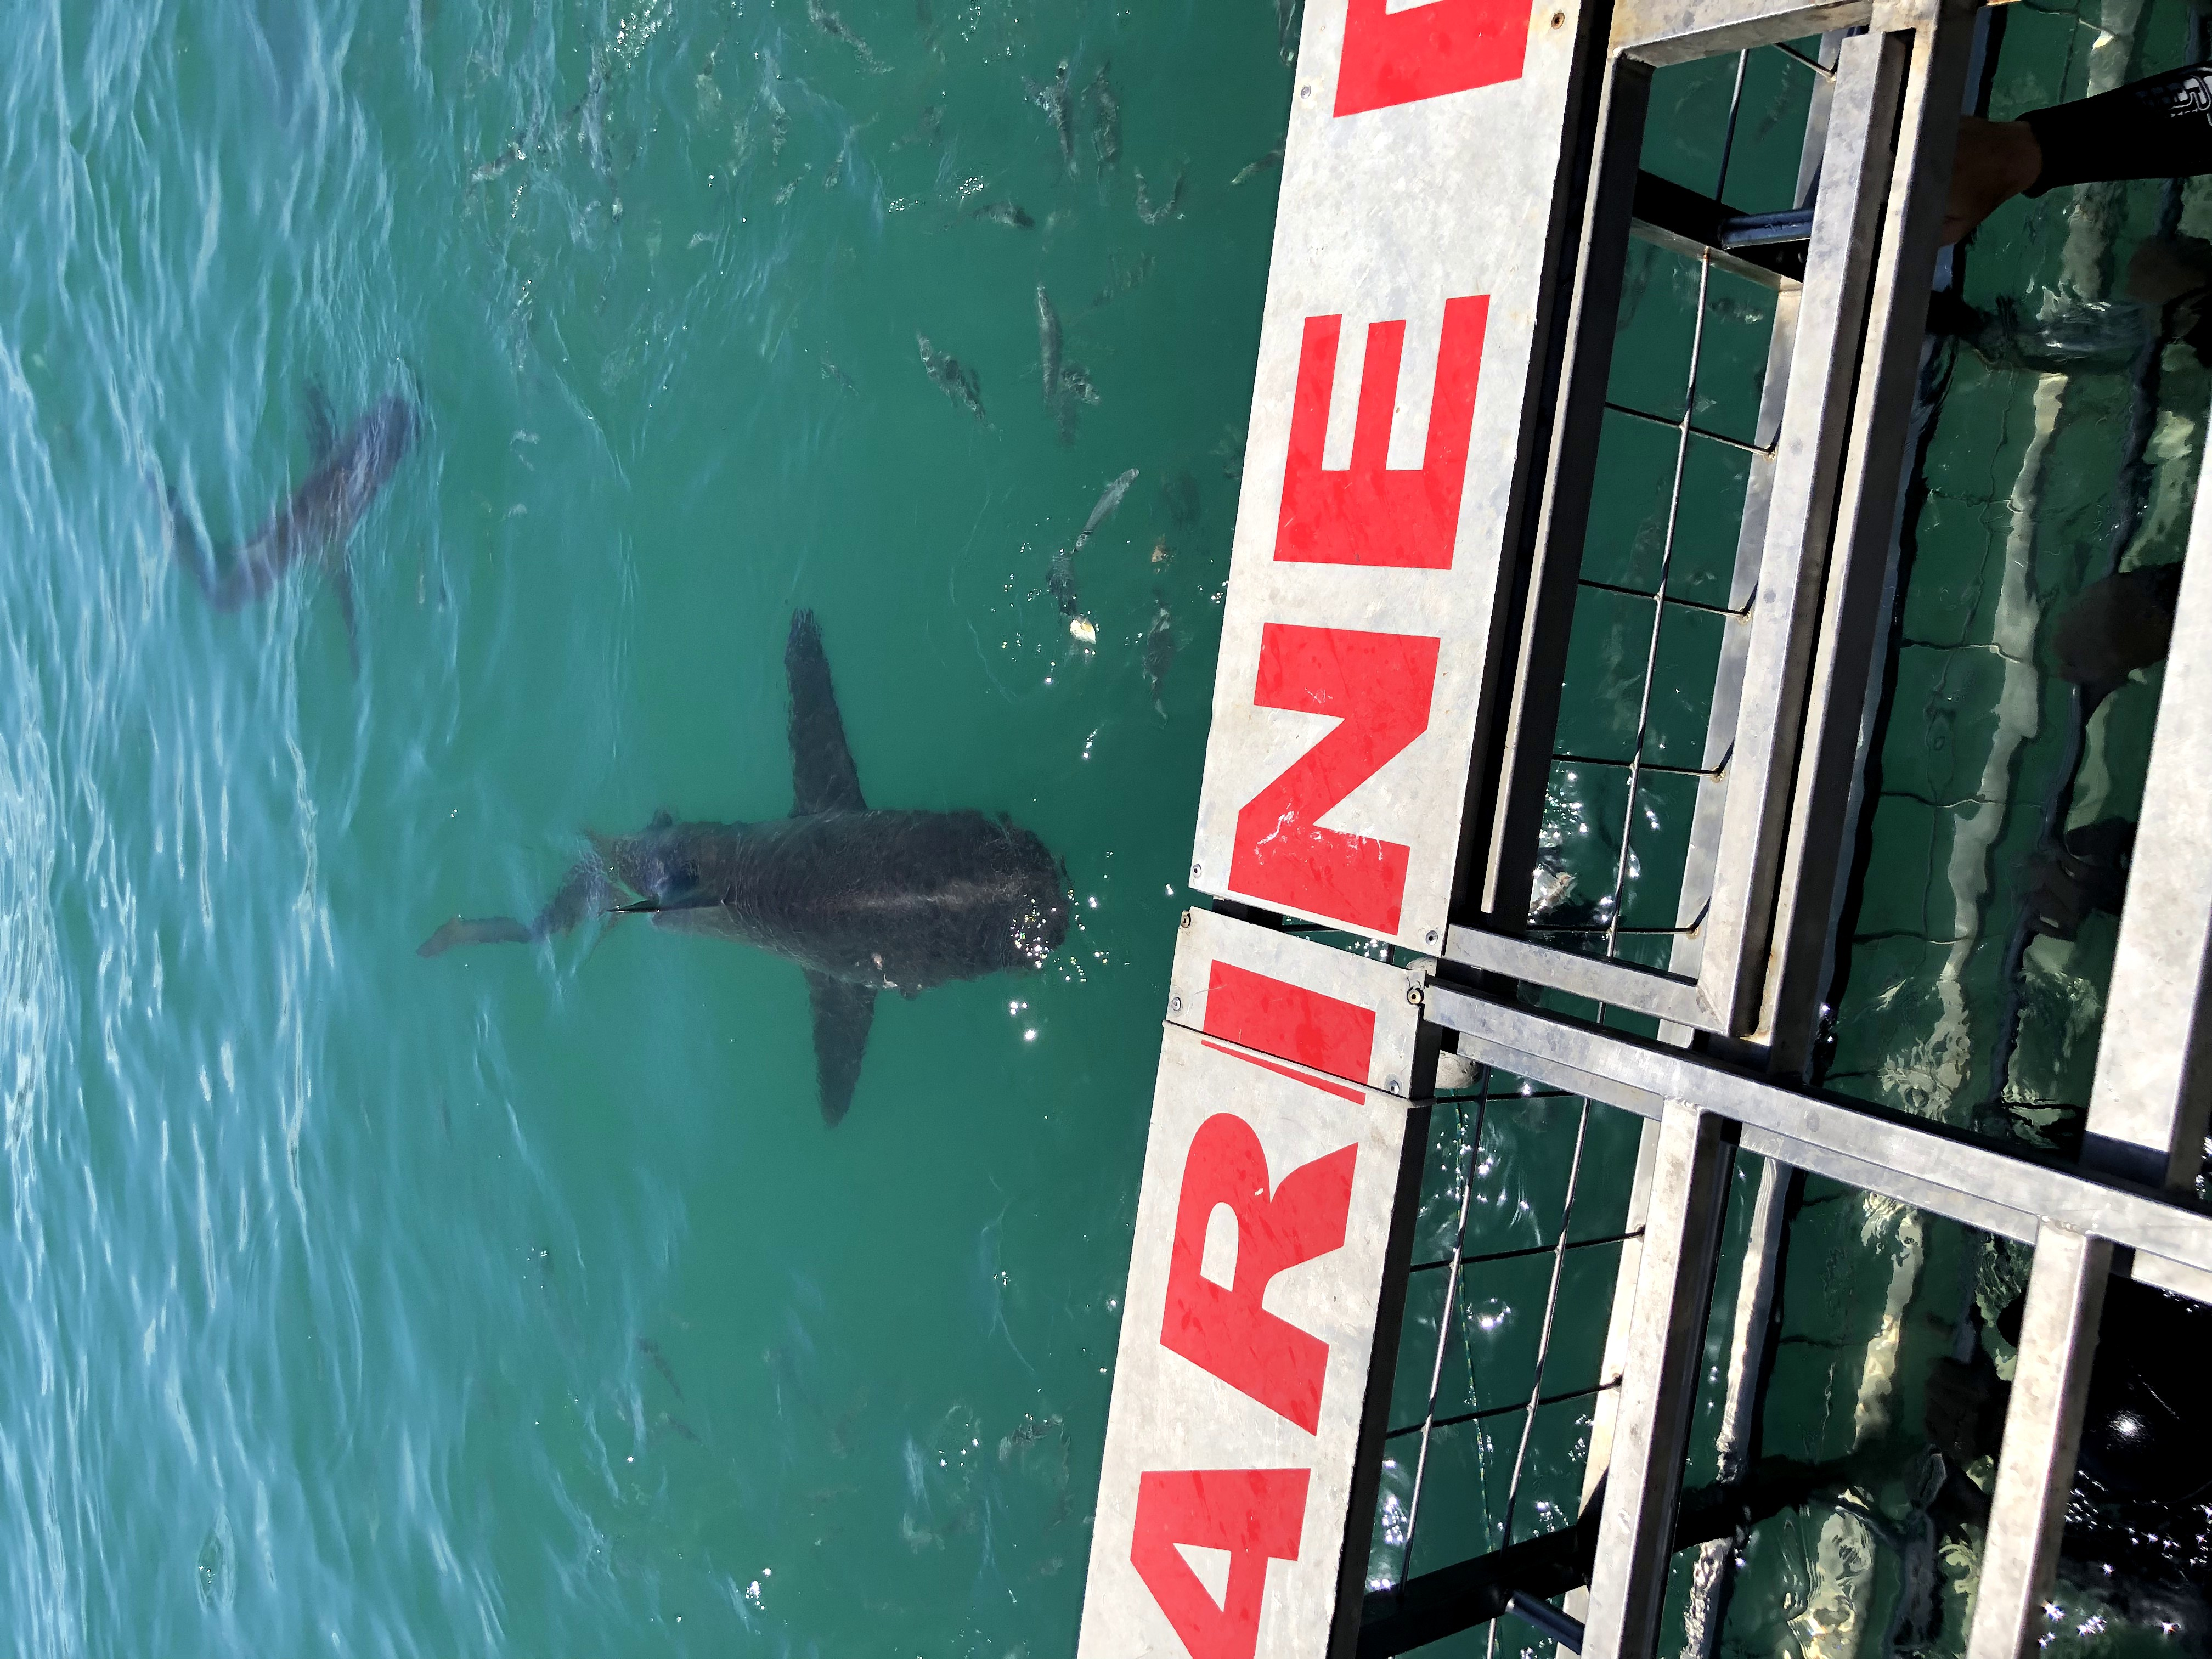 bagno con gli squali